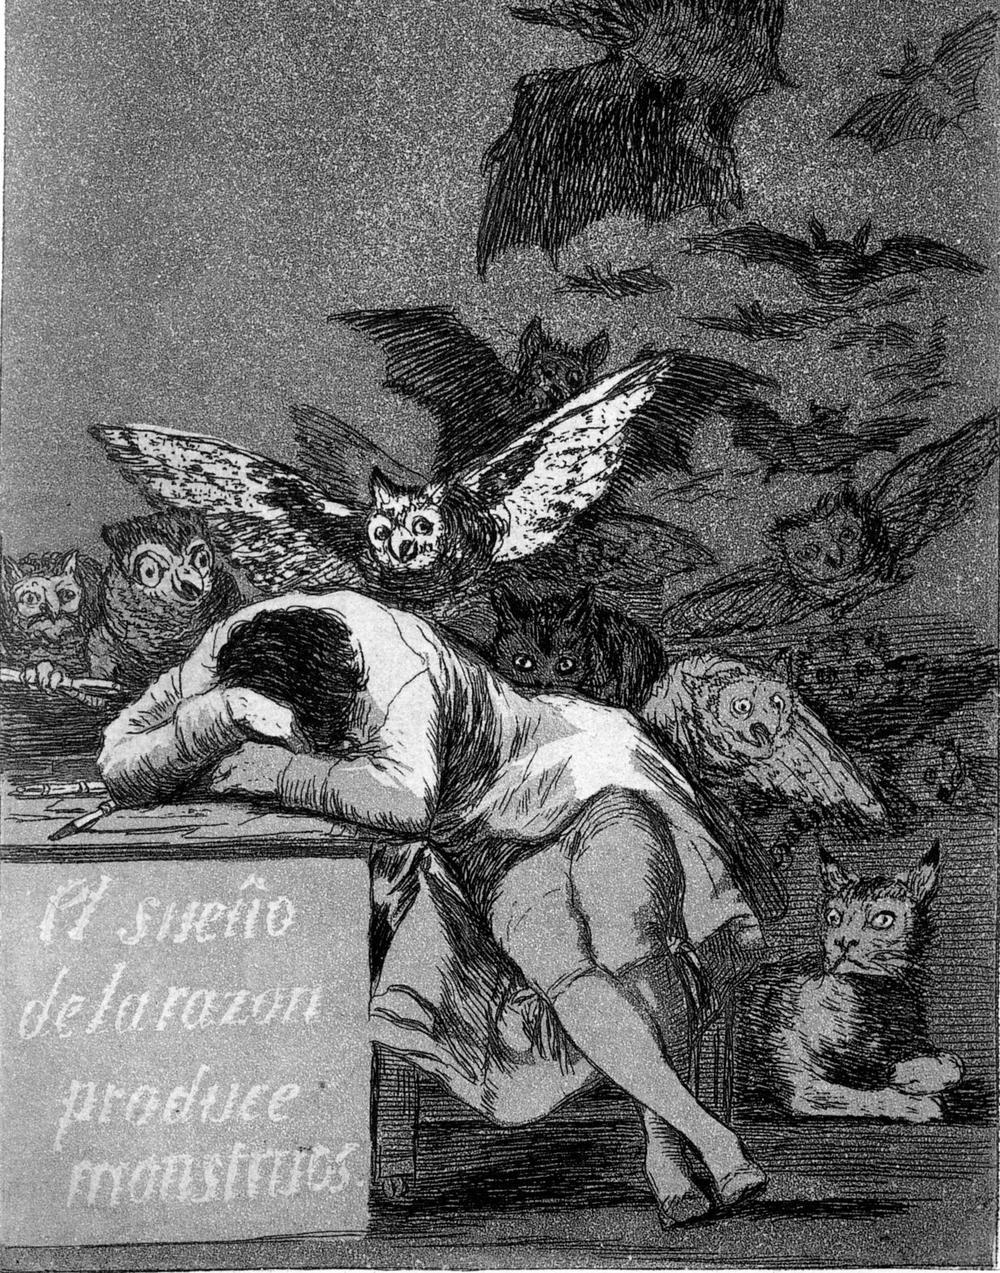 """Ausschnitt aus Goyas Gemälde """"Der Schlaf der Vernunft"""", auf dem ein Mann seinen Kopf auf einen Tisch gelegt hat und schläft. Düstere Monster, teils in Fledermausgestalt umkreisen ihn."""